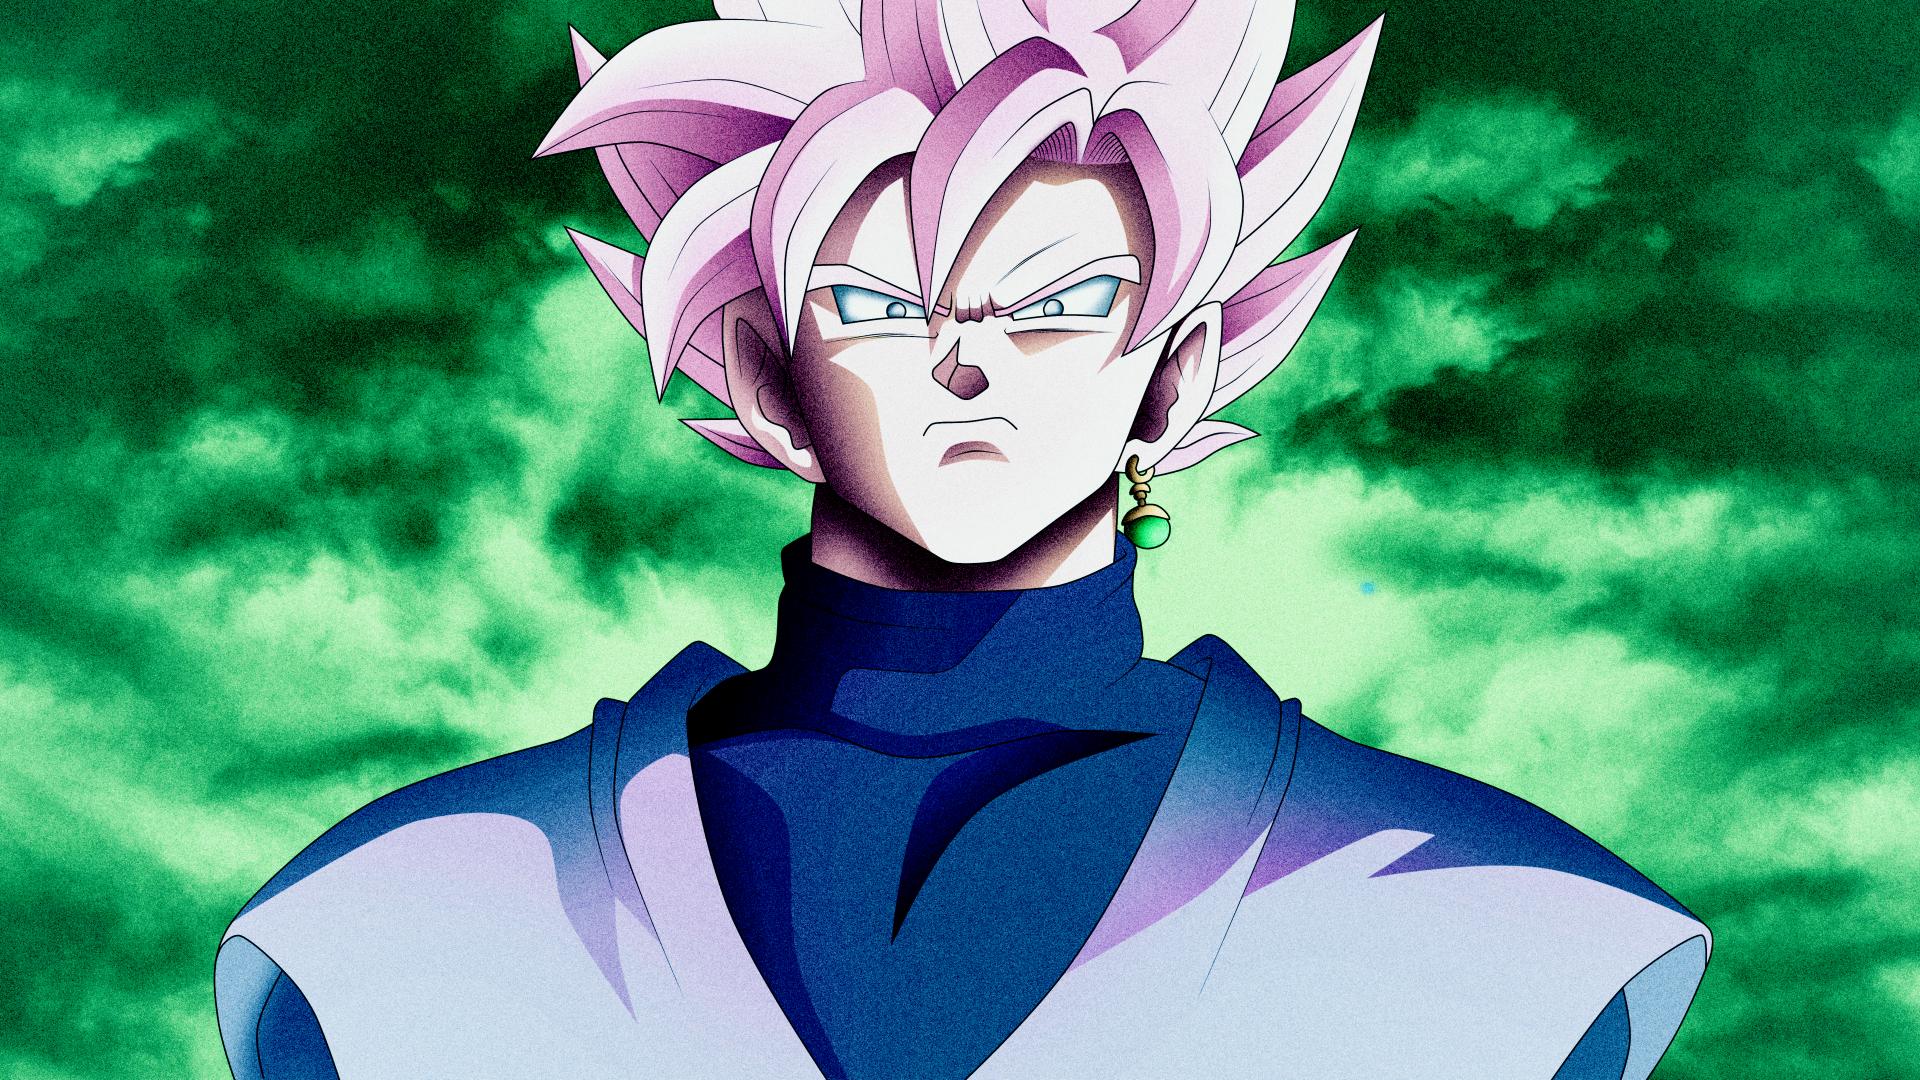 Black Goku Fondo De Pantalla And Fondo De Escritorio: Dragon Ball Super 5k Retina Ultra HD Fondo De Pantalla And